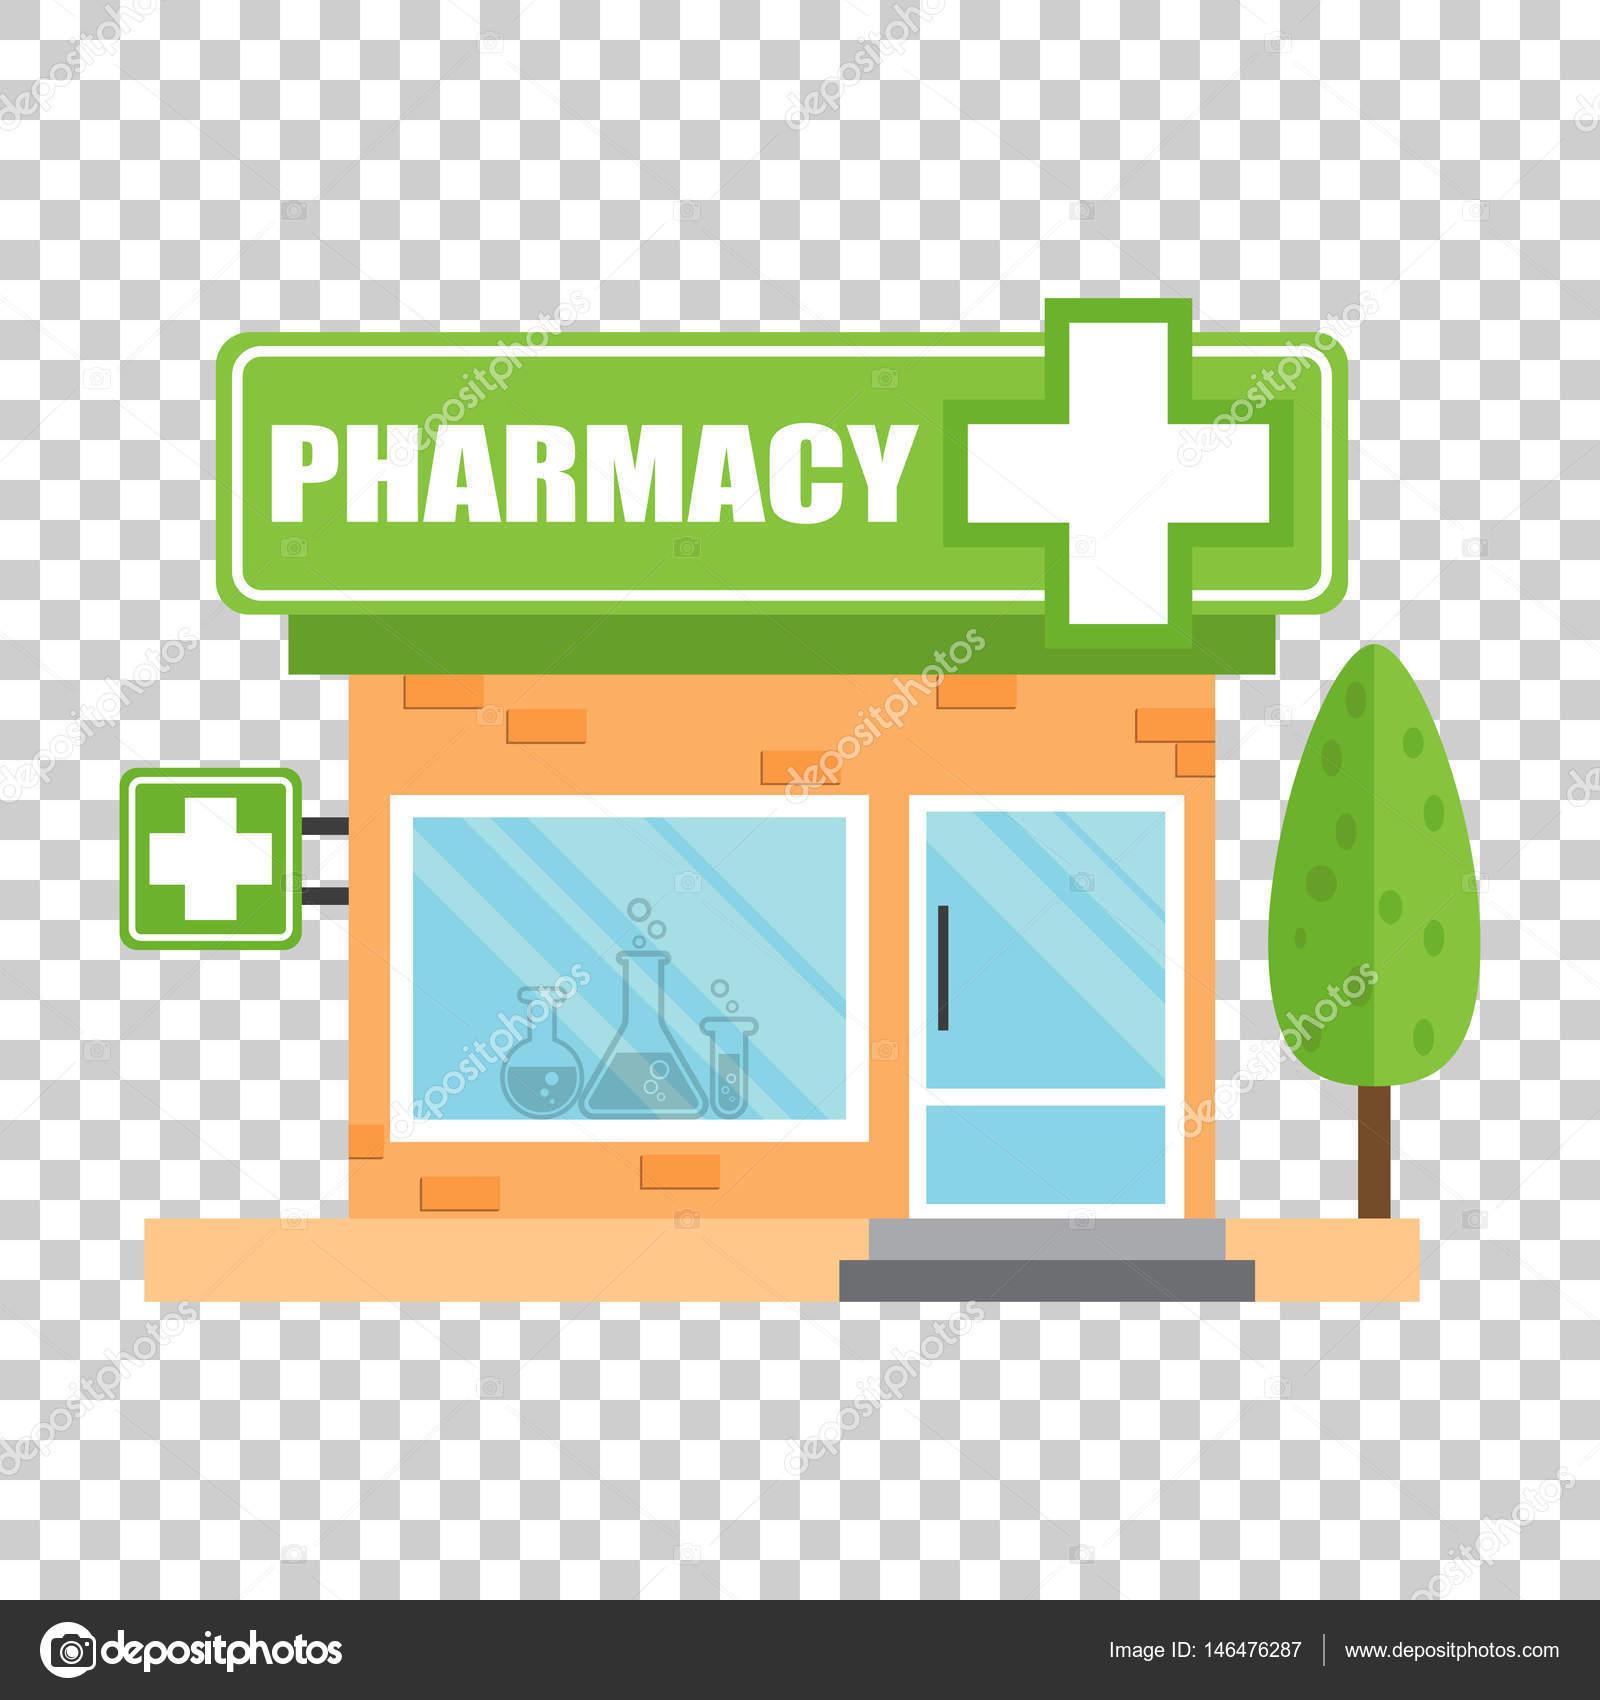 薬局ドラッグ ストア ショップ孤立した背景に薬局のベクトル図を格納し